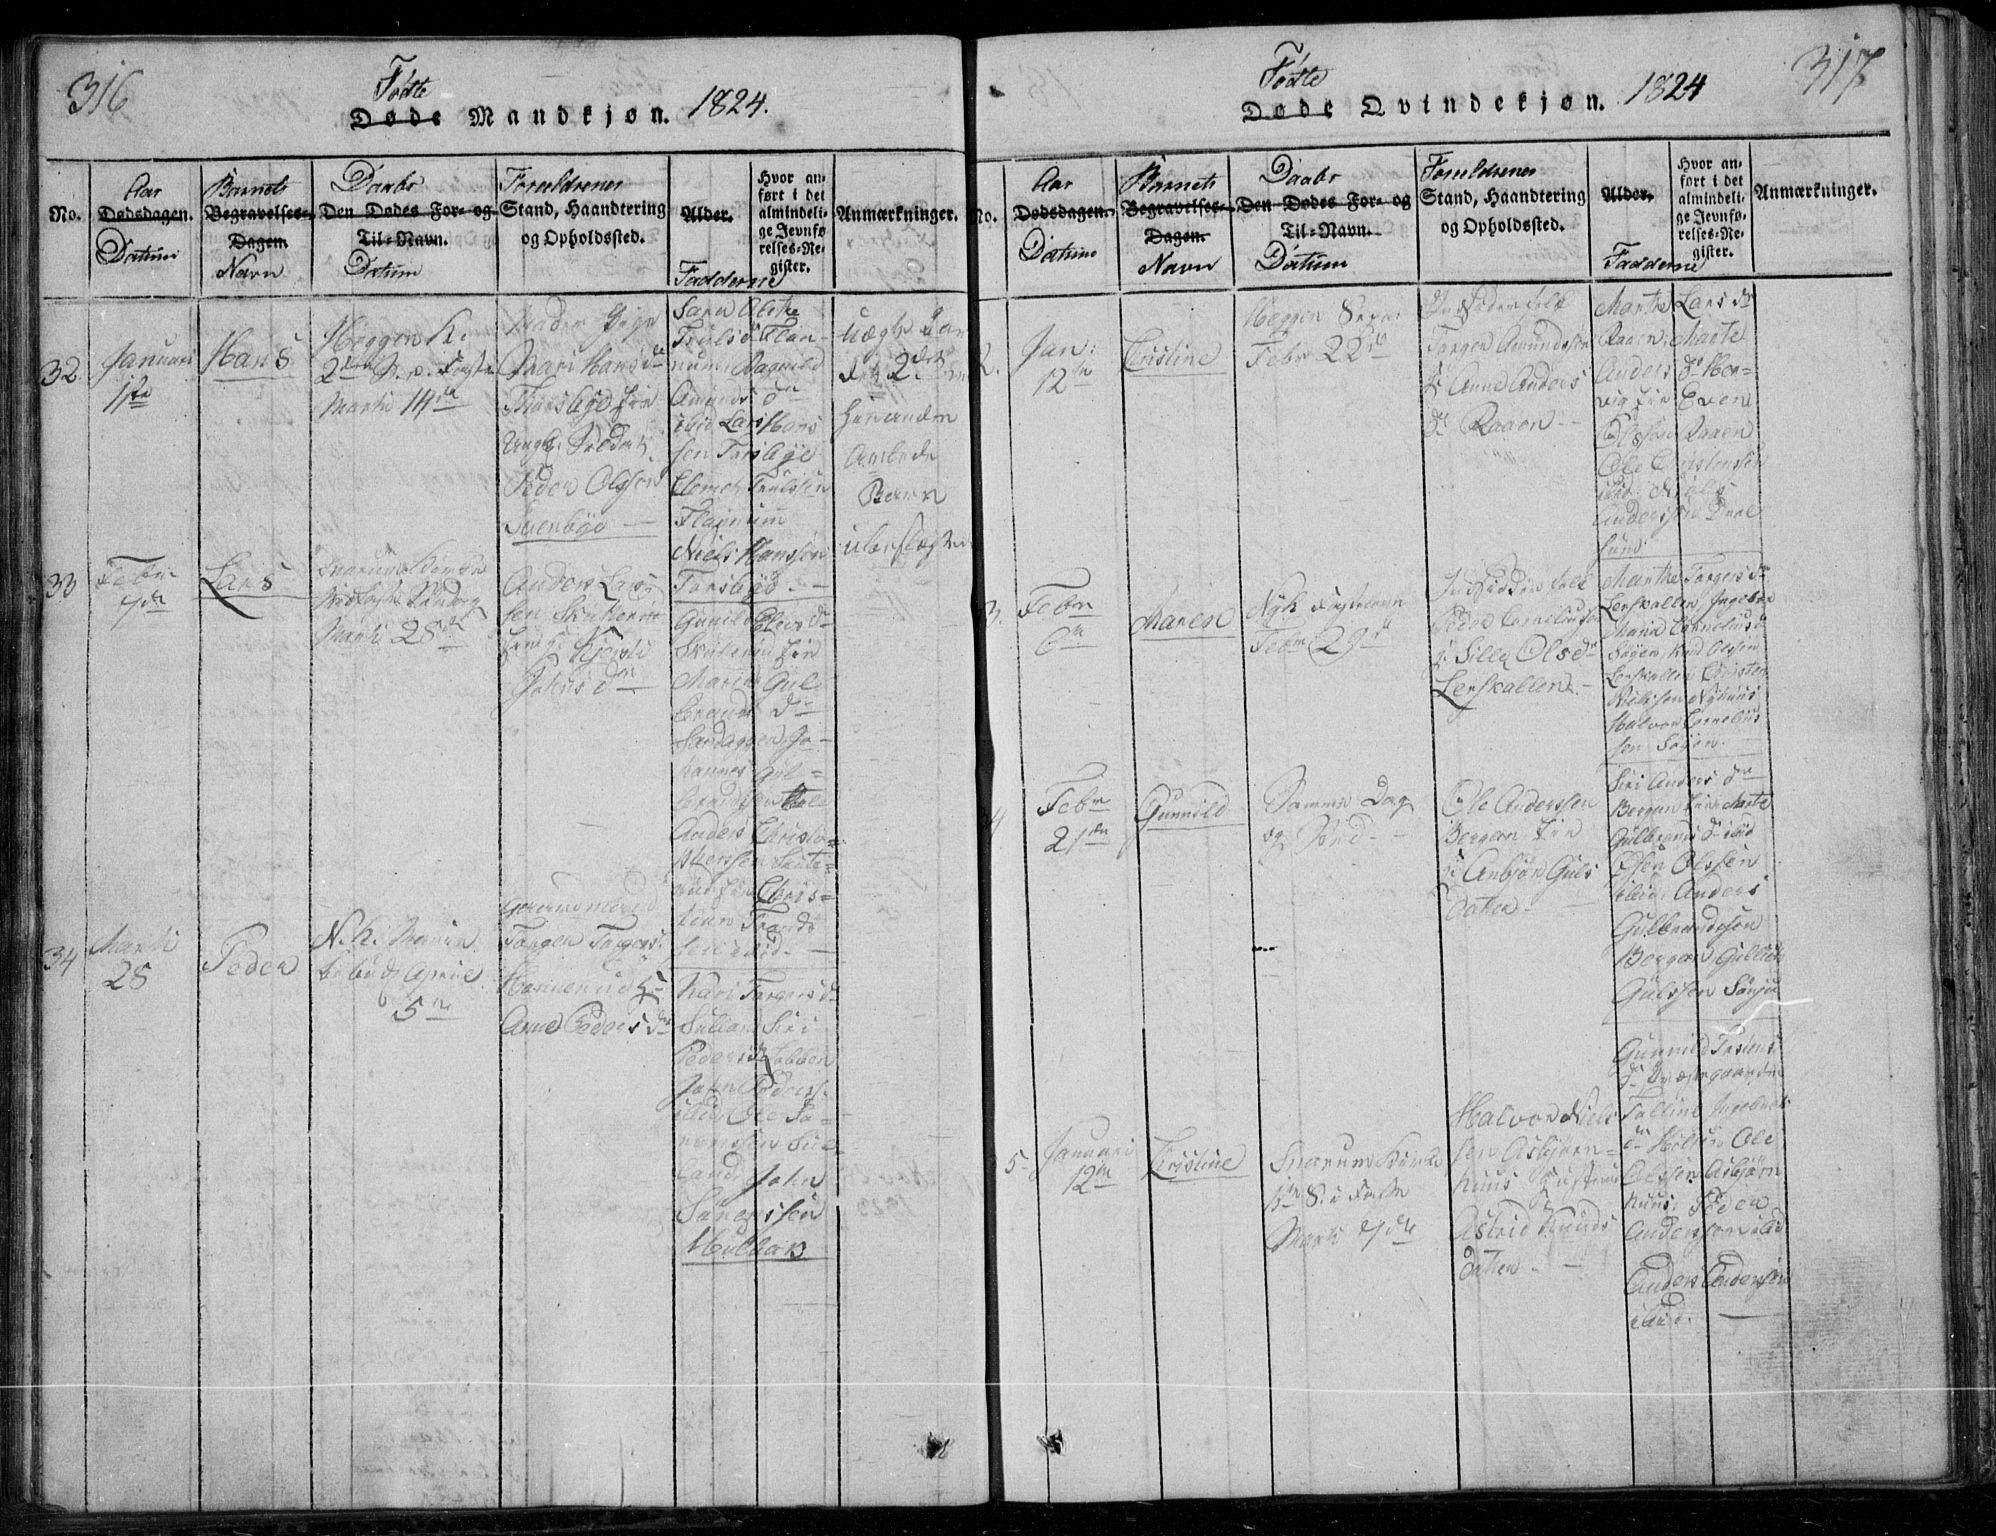 SAKO, Modum kirkebøker, G/Ga/L0001: Klokkerbok nr. I 1, 1818-1824, s. 316-317